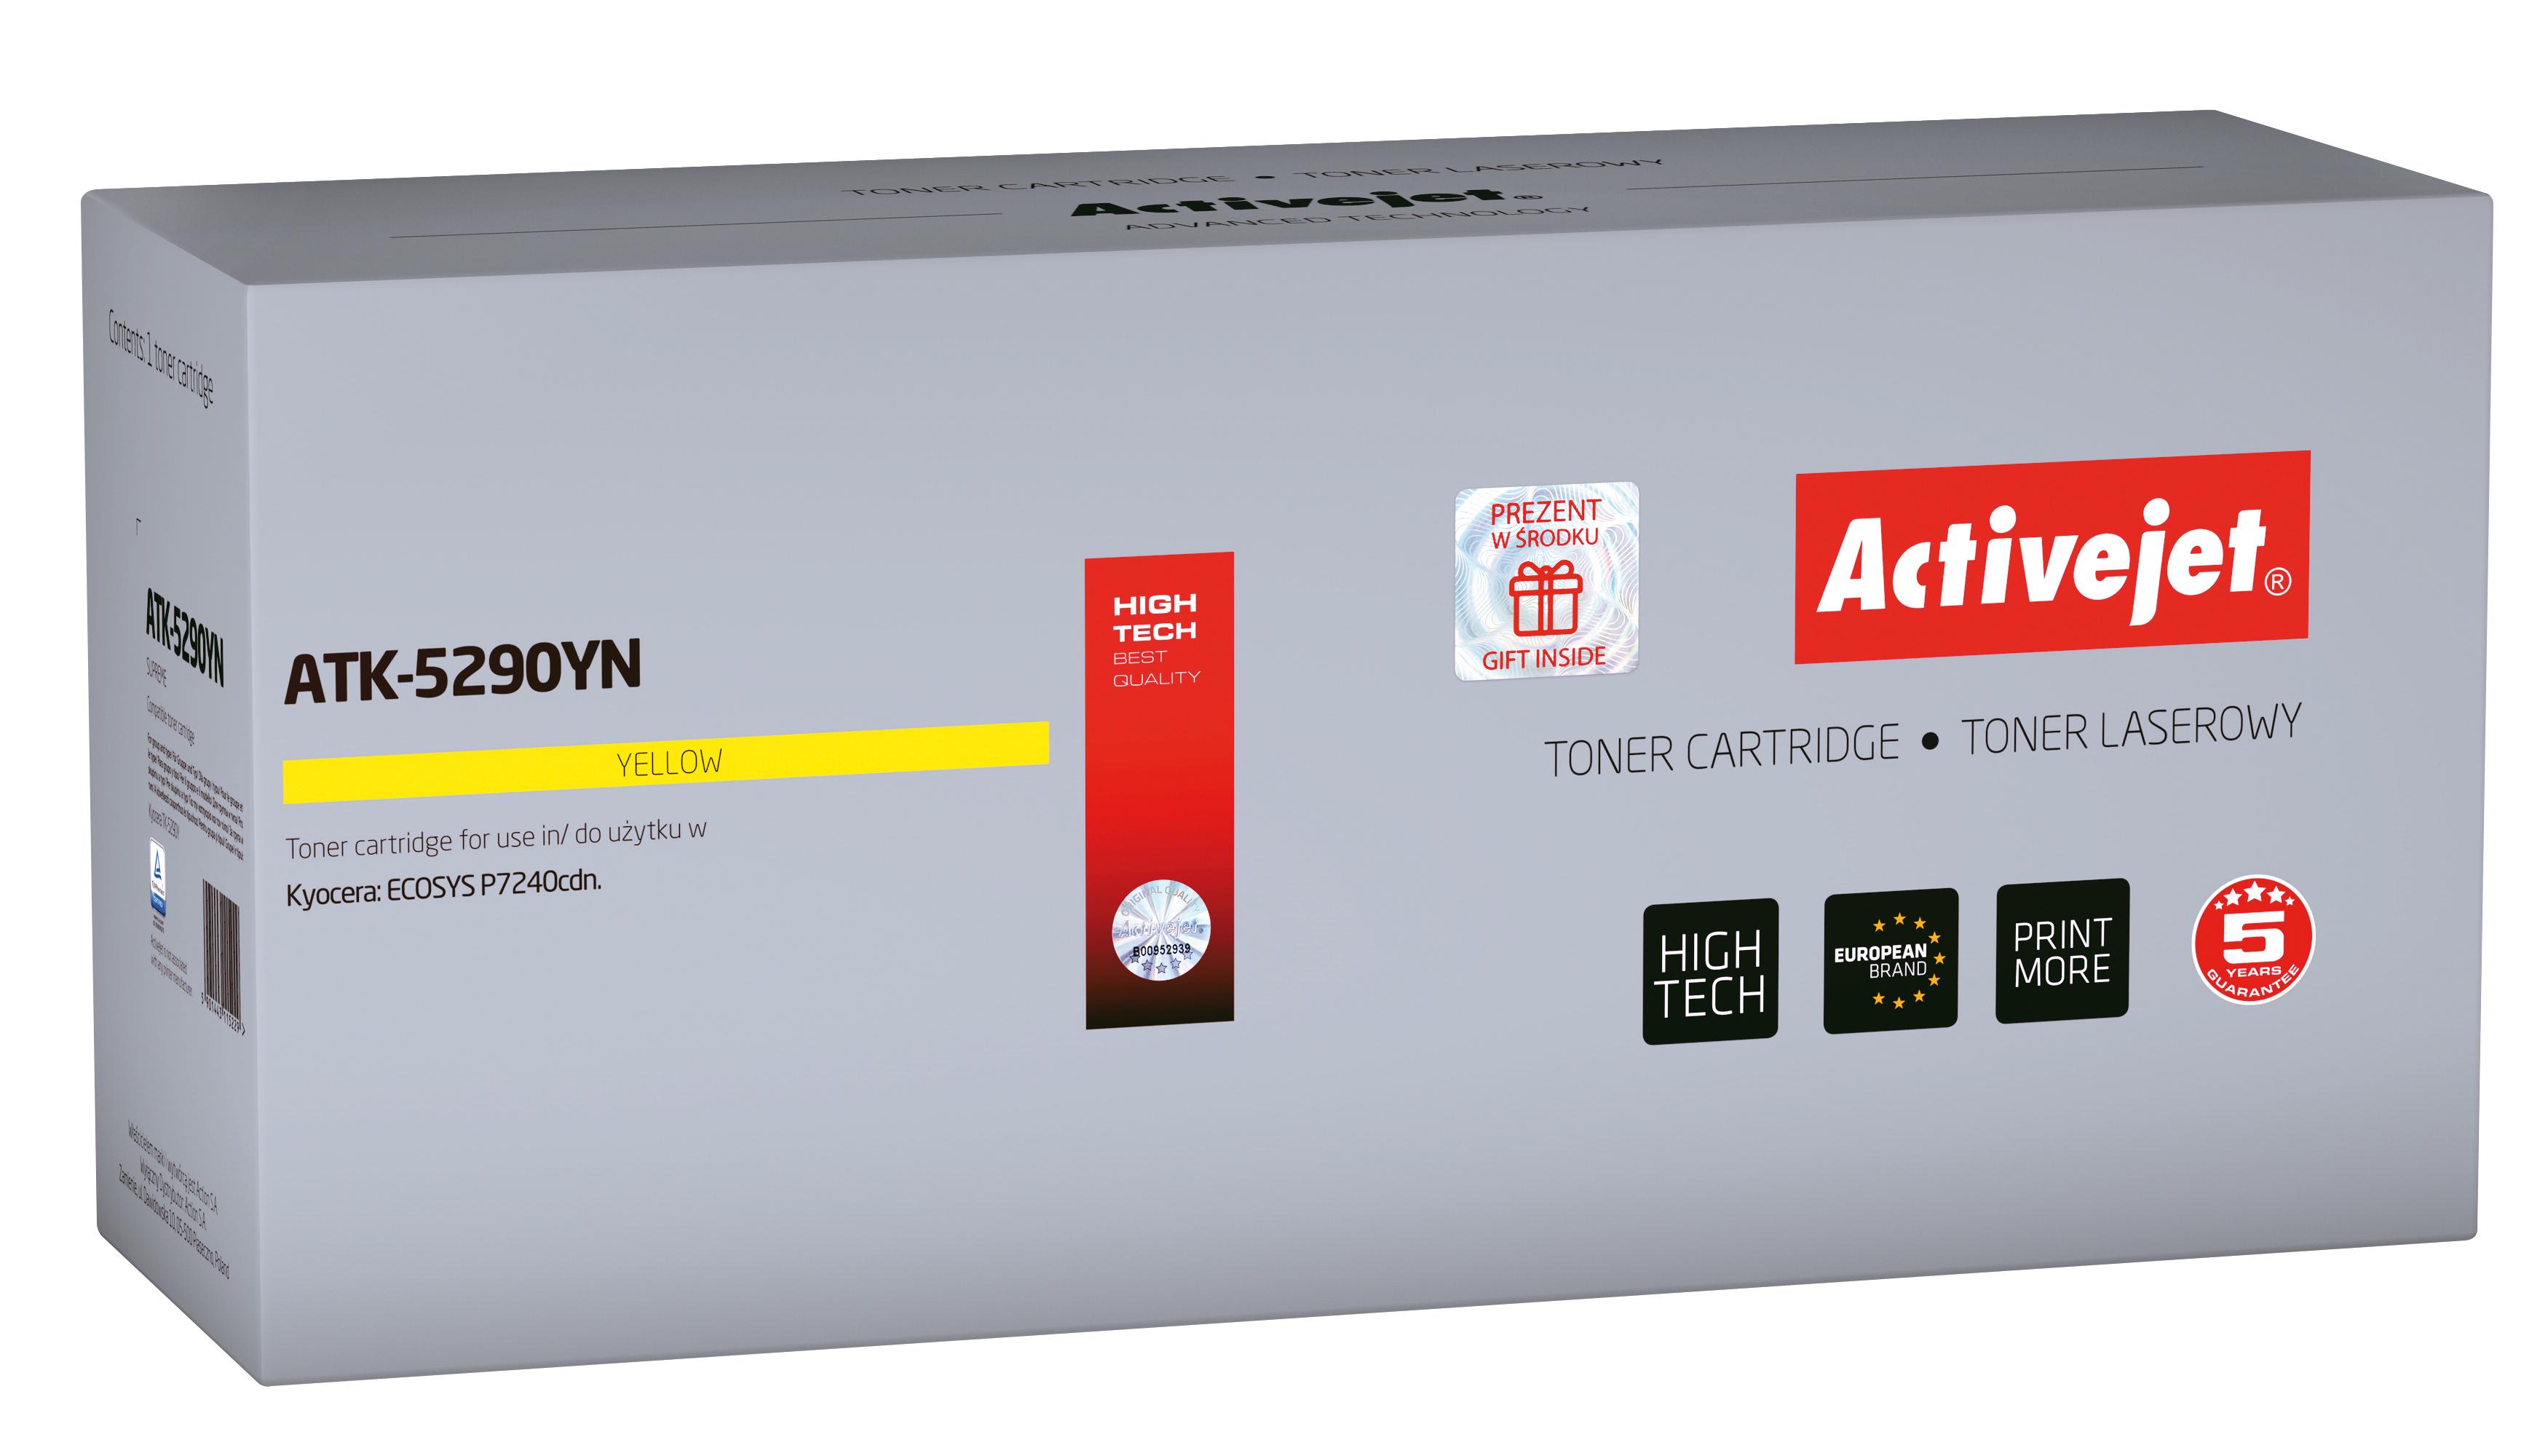 Toner Activejet  ATK-5290YN do drukarki Kyocera, Zamiennik Kyocera TK-5290Y; Supreme; 13000 stron; Żólty.